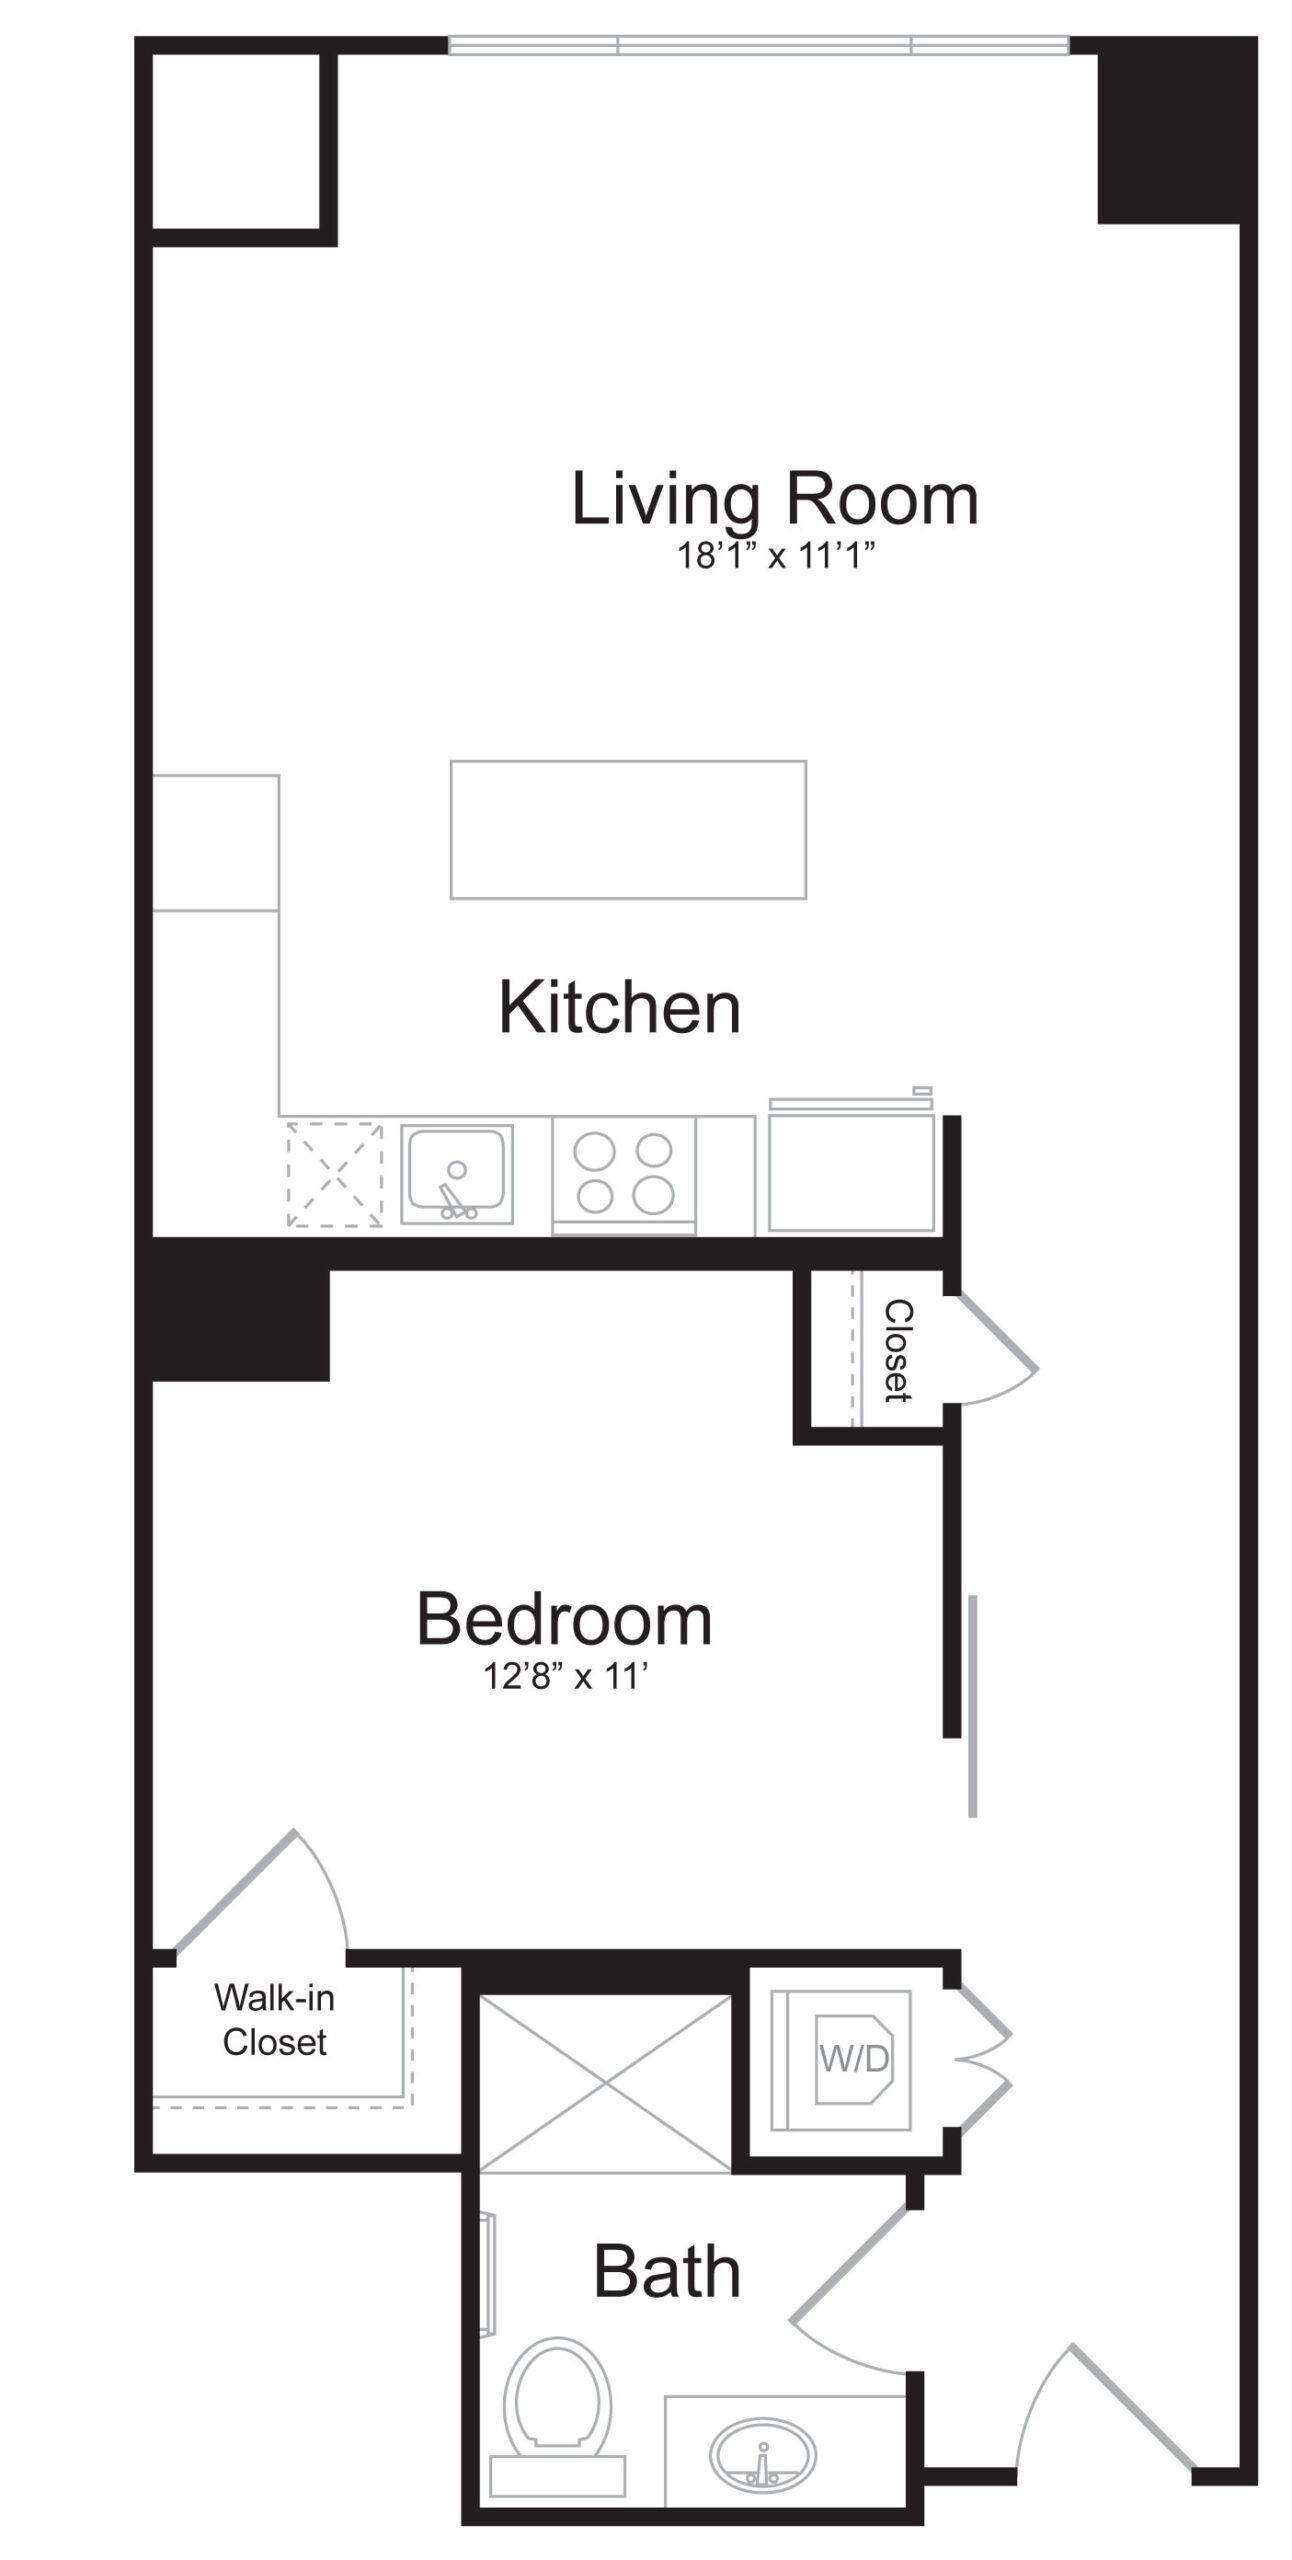 C5 - 1 Bed 1 Bath - 706 SF